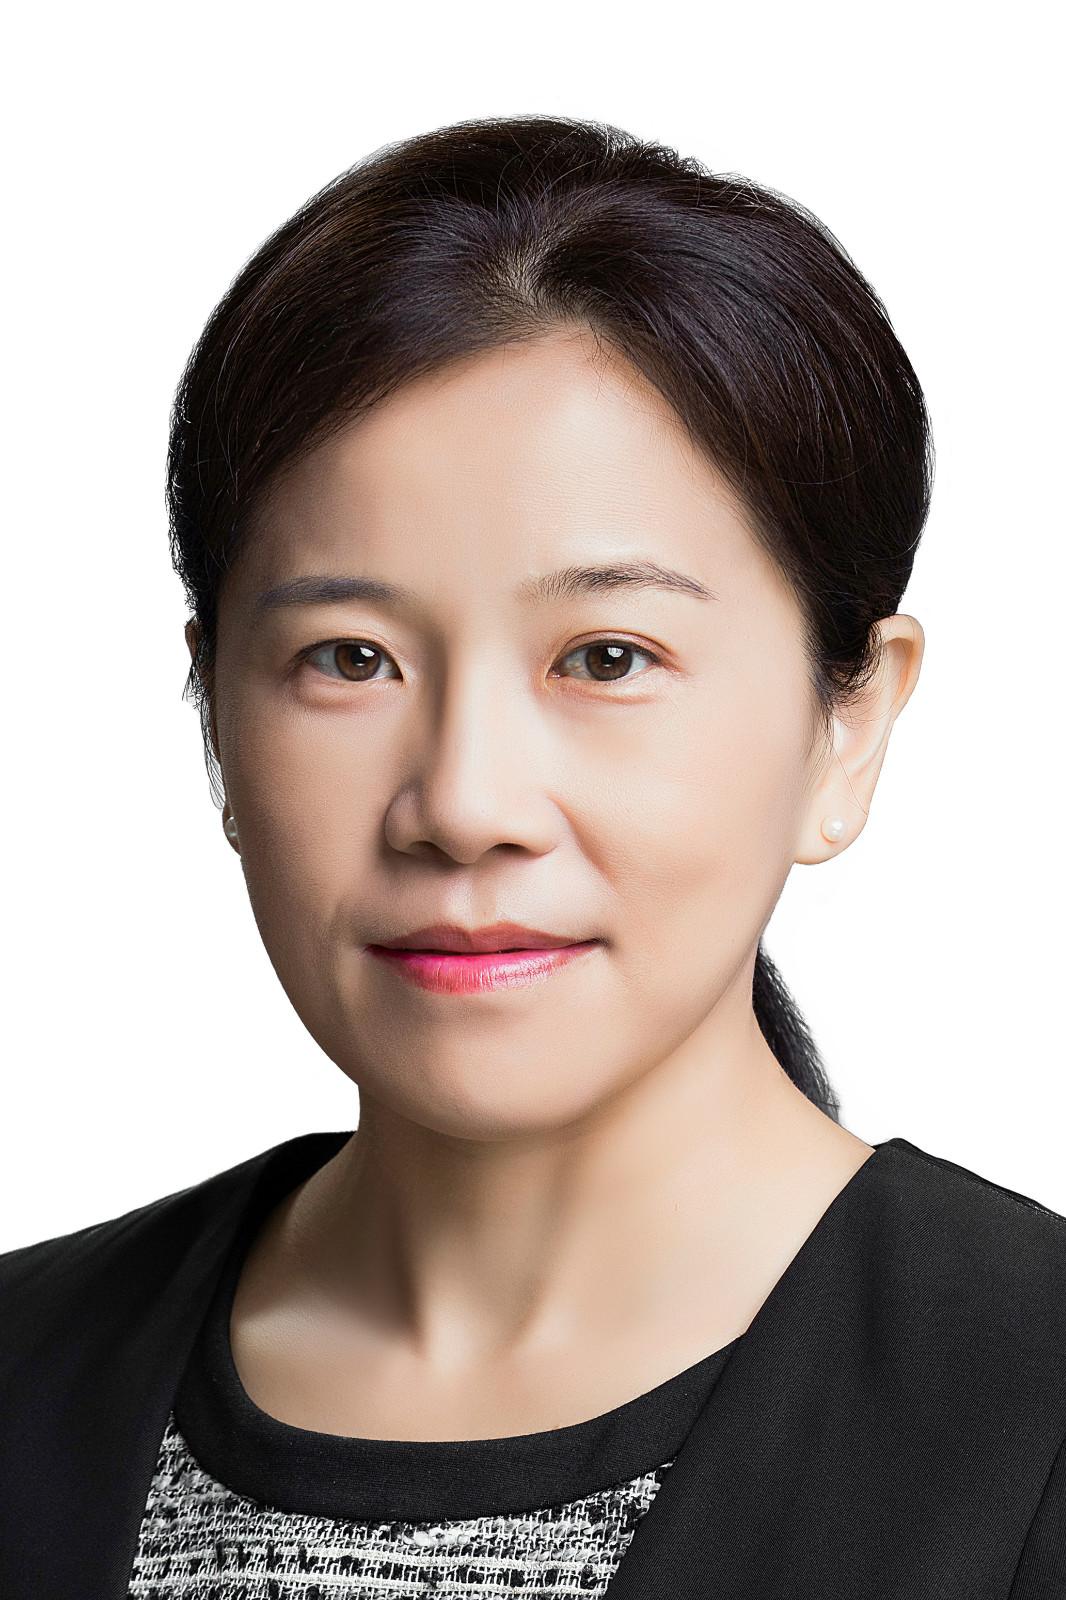 ZHENG Jianhui